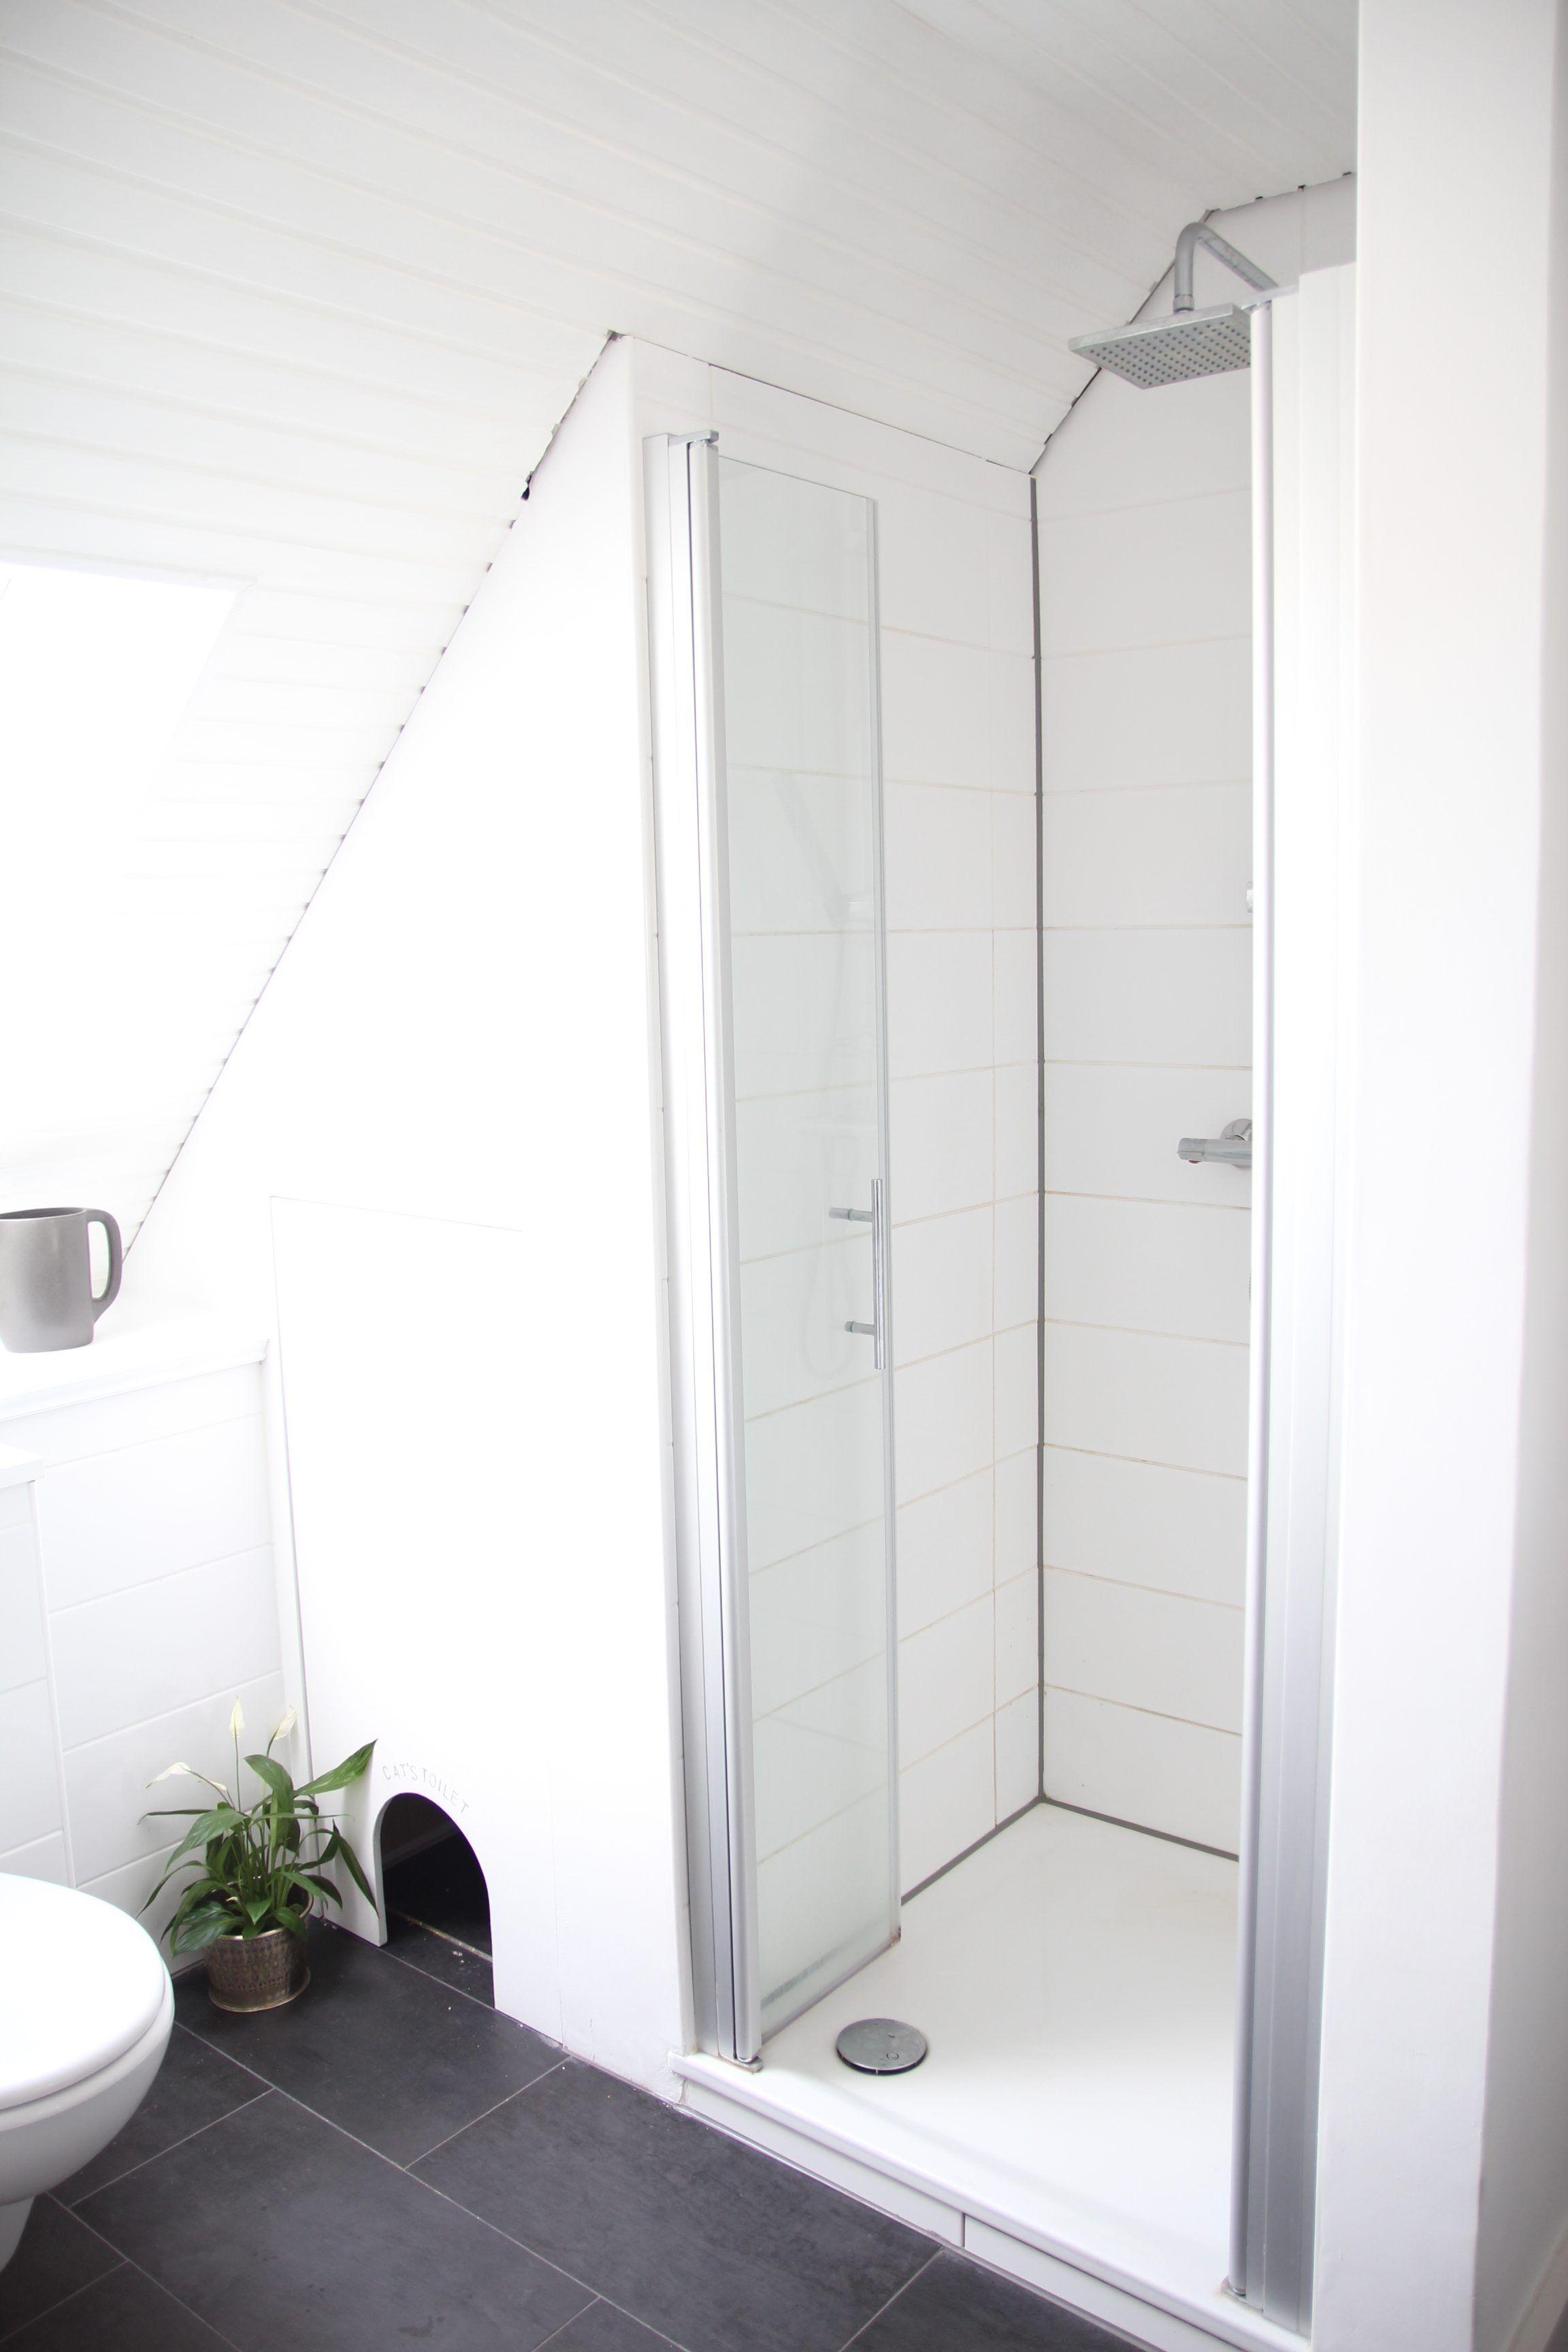 Badezimmer selbst renovieren: vorher/nachher | Kinderzimmer Ideen ...